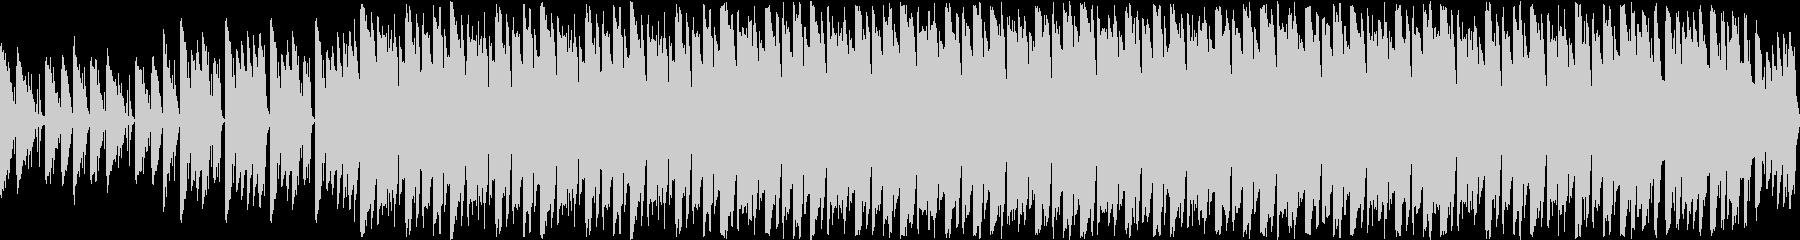 ピアノによる明るくポップなループ曲の未再生の波形